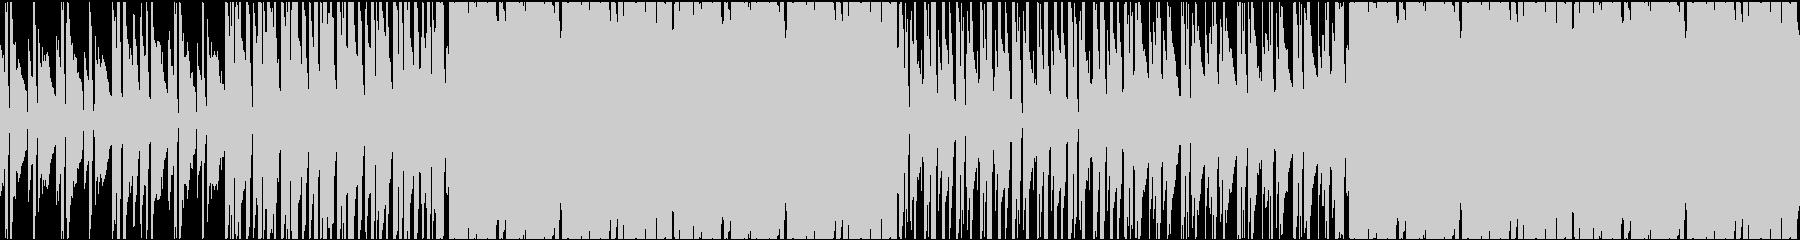 【テ○スハウス系】のハイセンスなBGMの未再生の波形